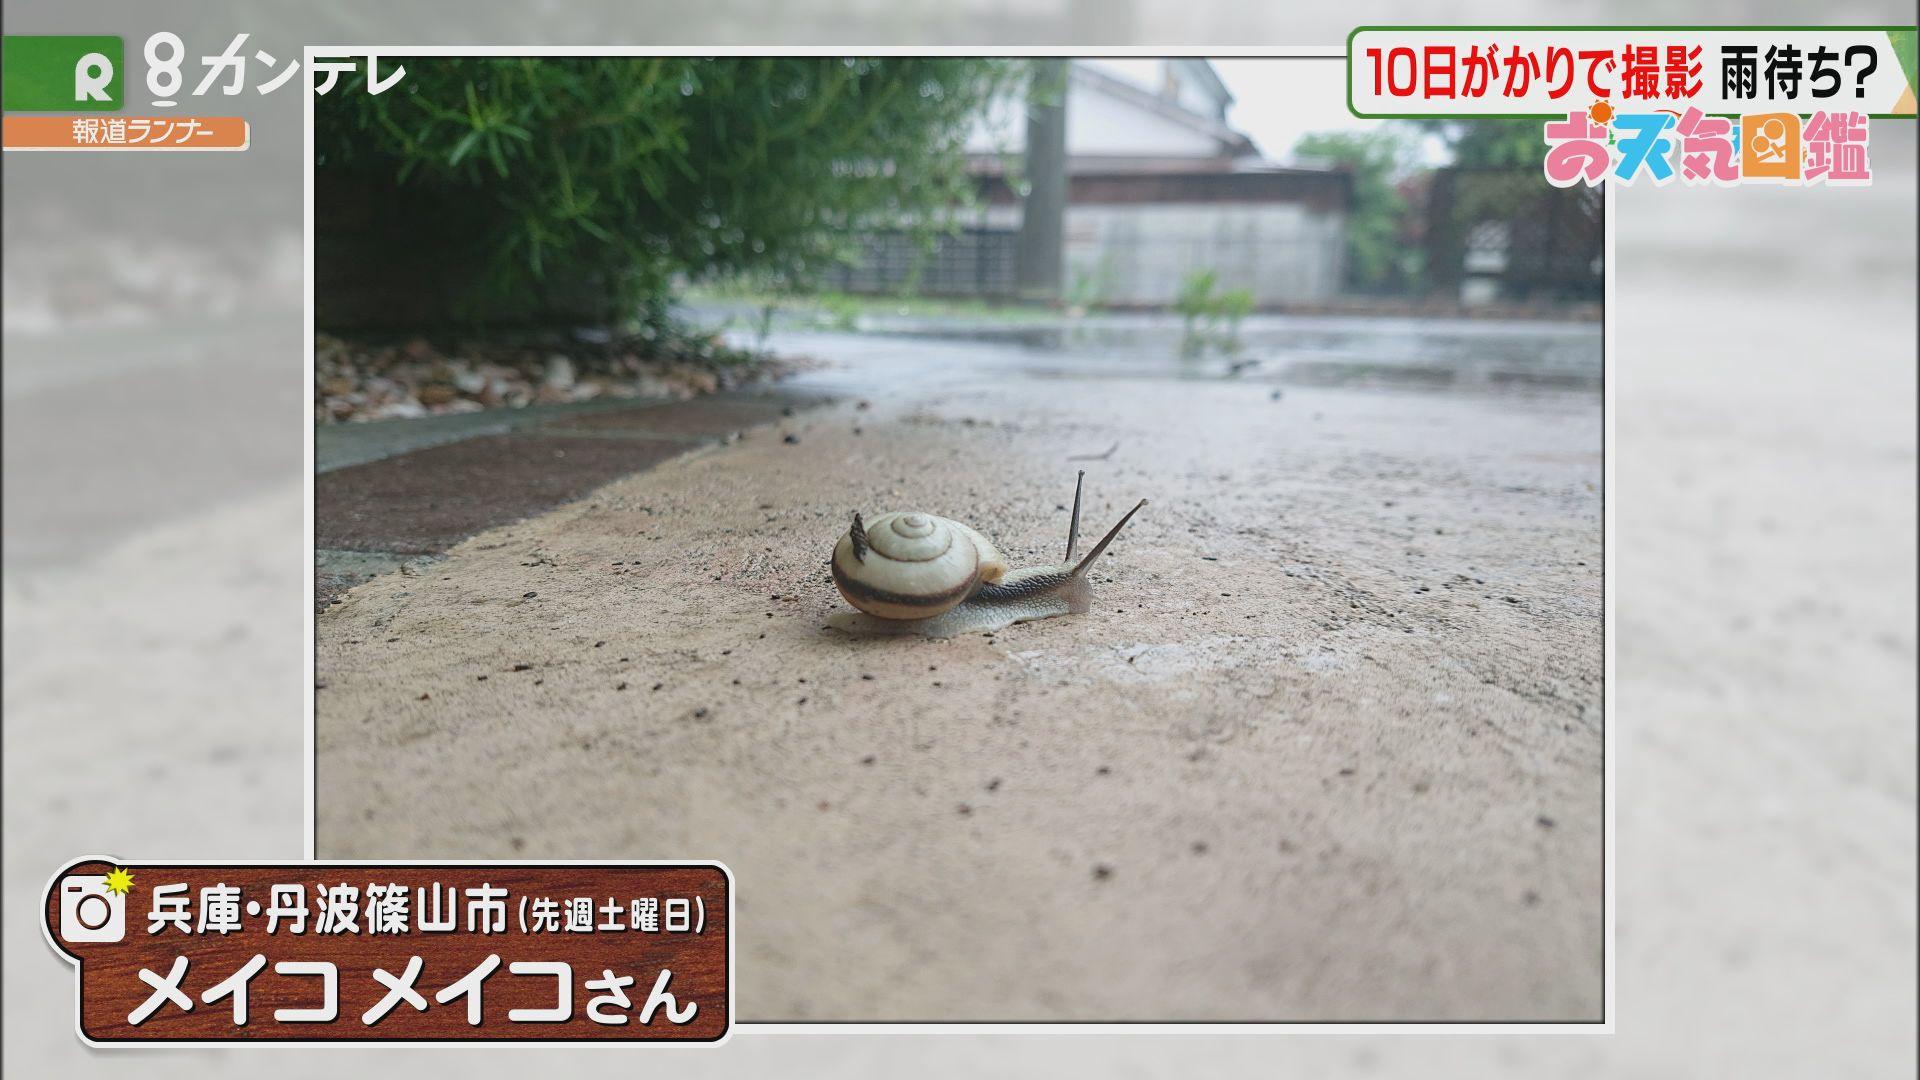 「10日がかりで撮影」(兵庫・丹波篠山市)